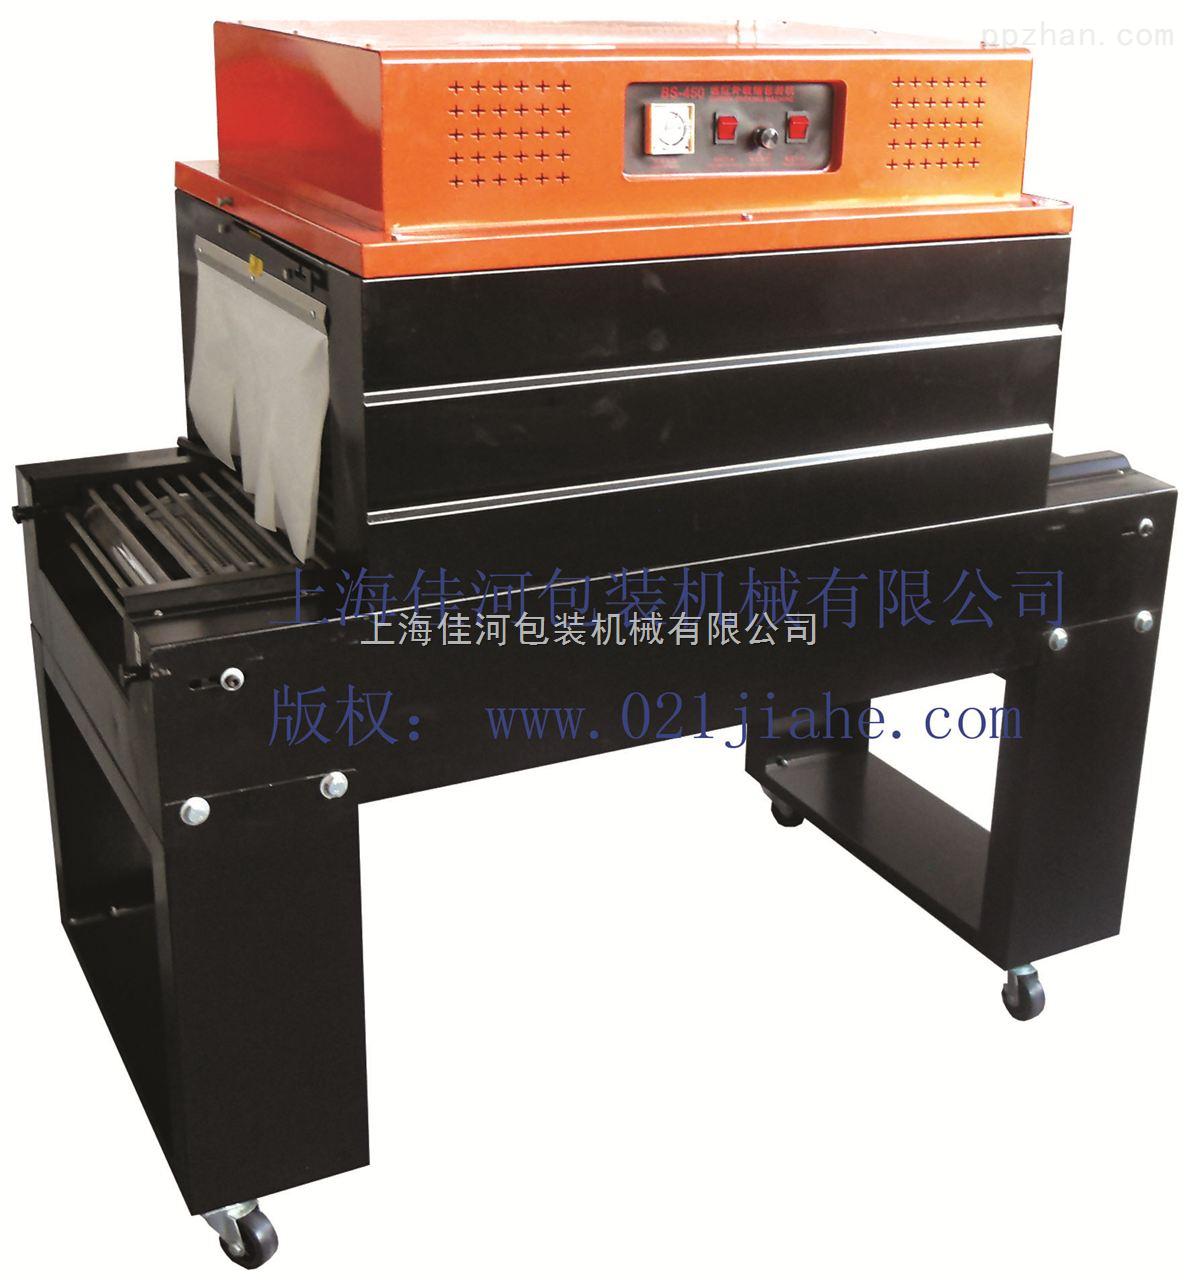 BS-450-上海收缩机直销商、收缩机厂家、收缩机供货商、上海收缩机供货商